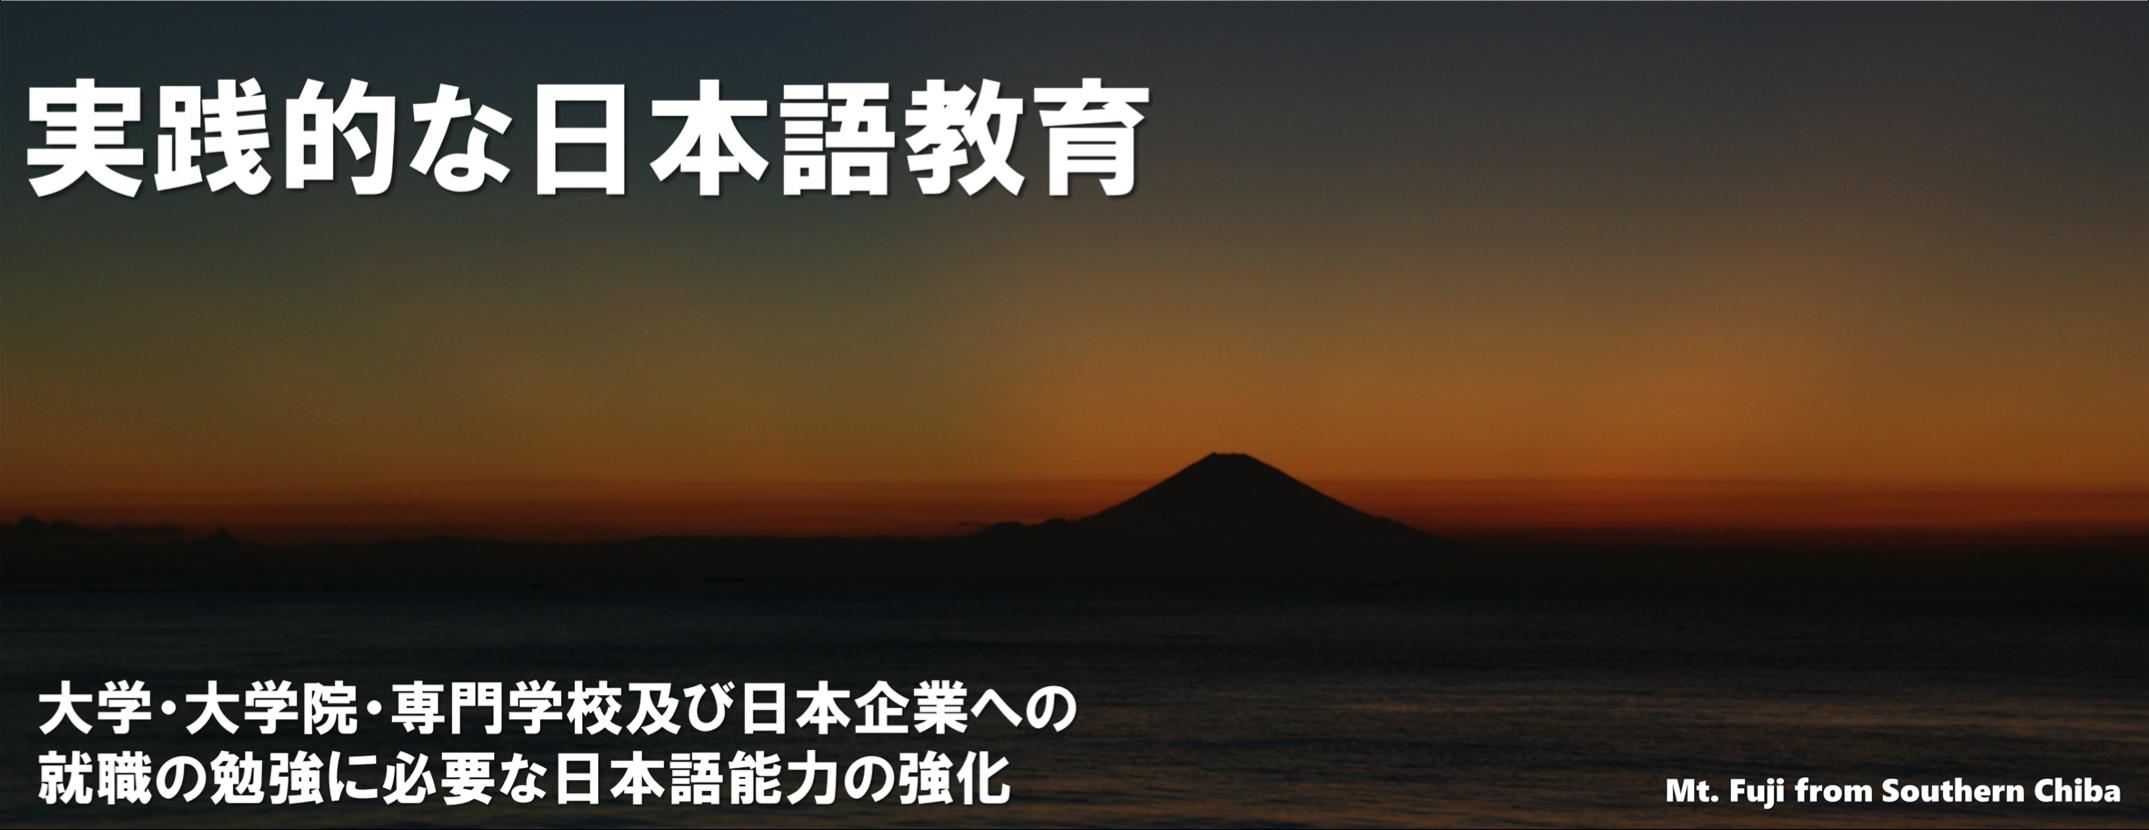 実践的な日本語教育